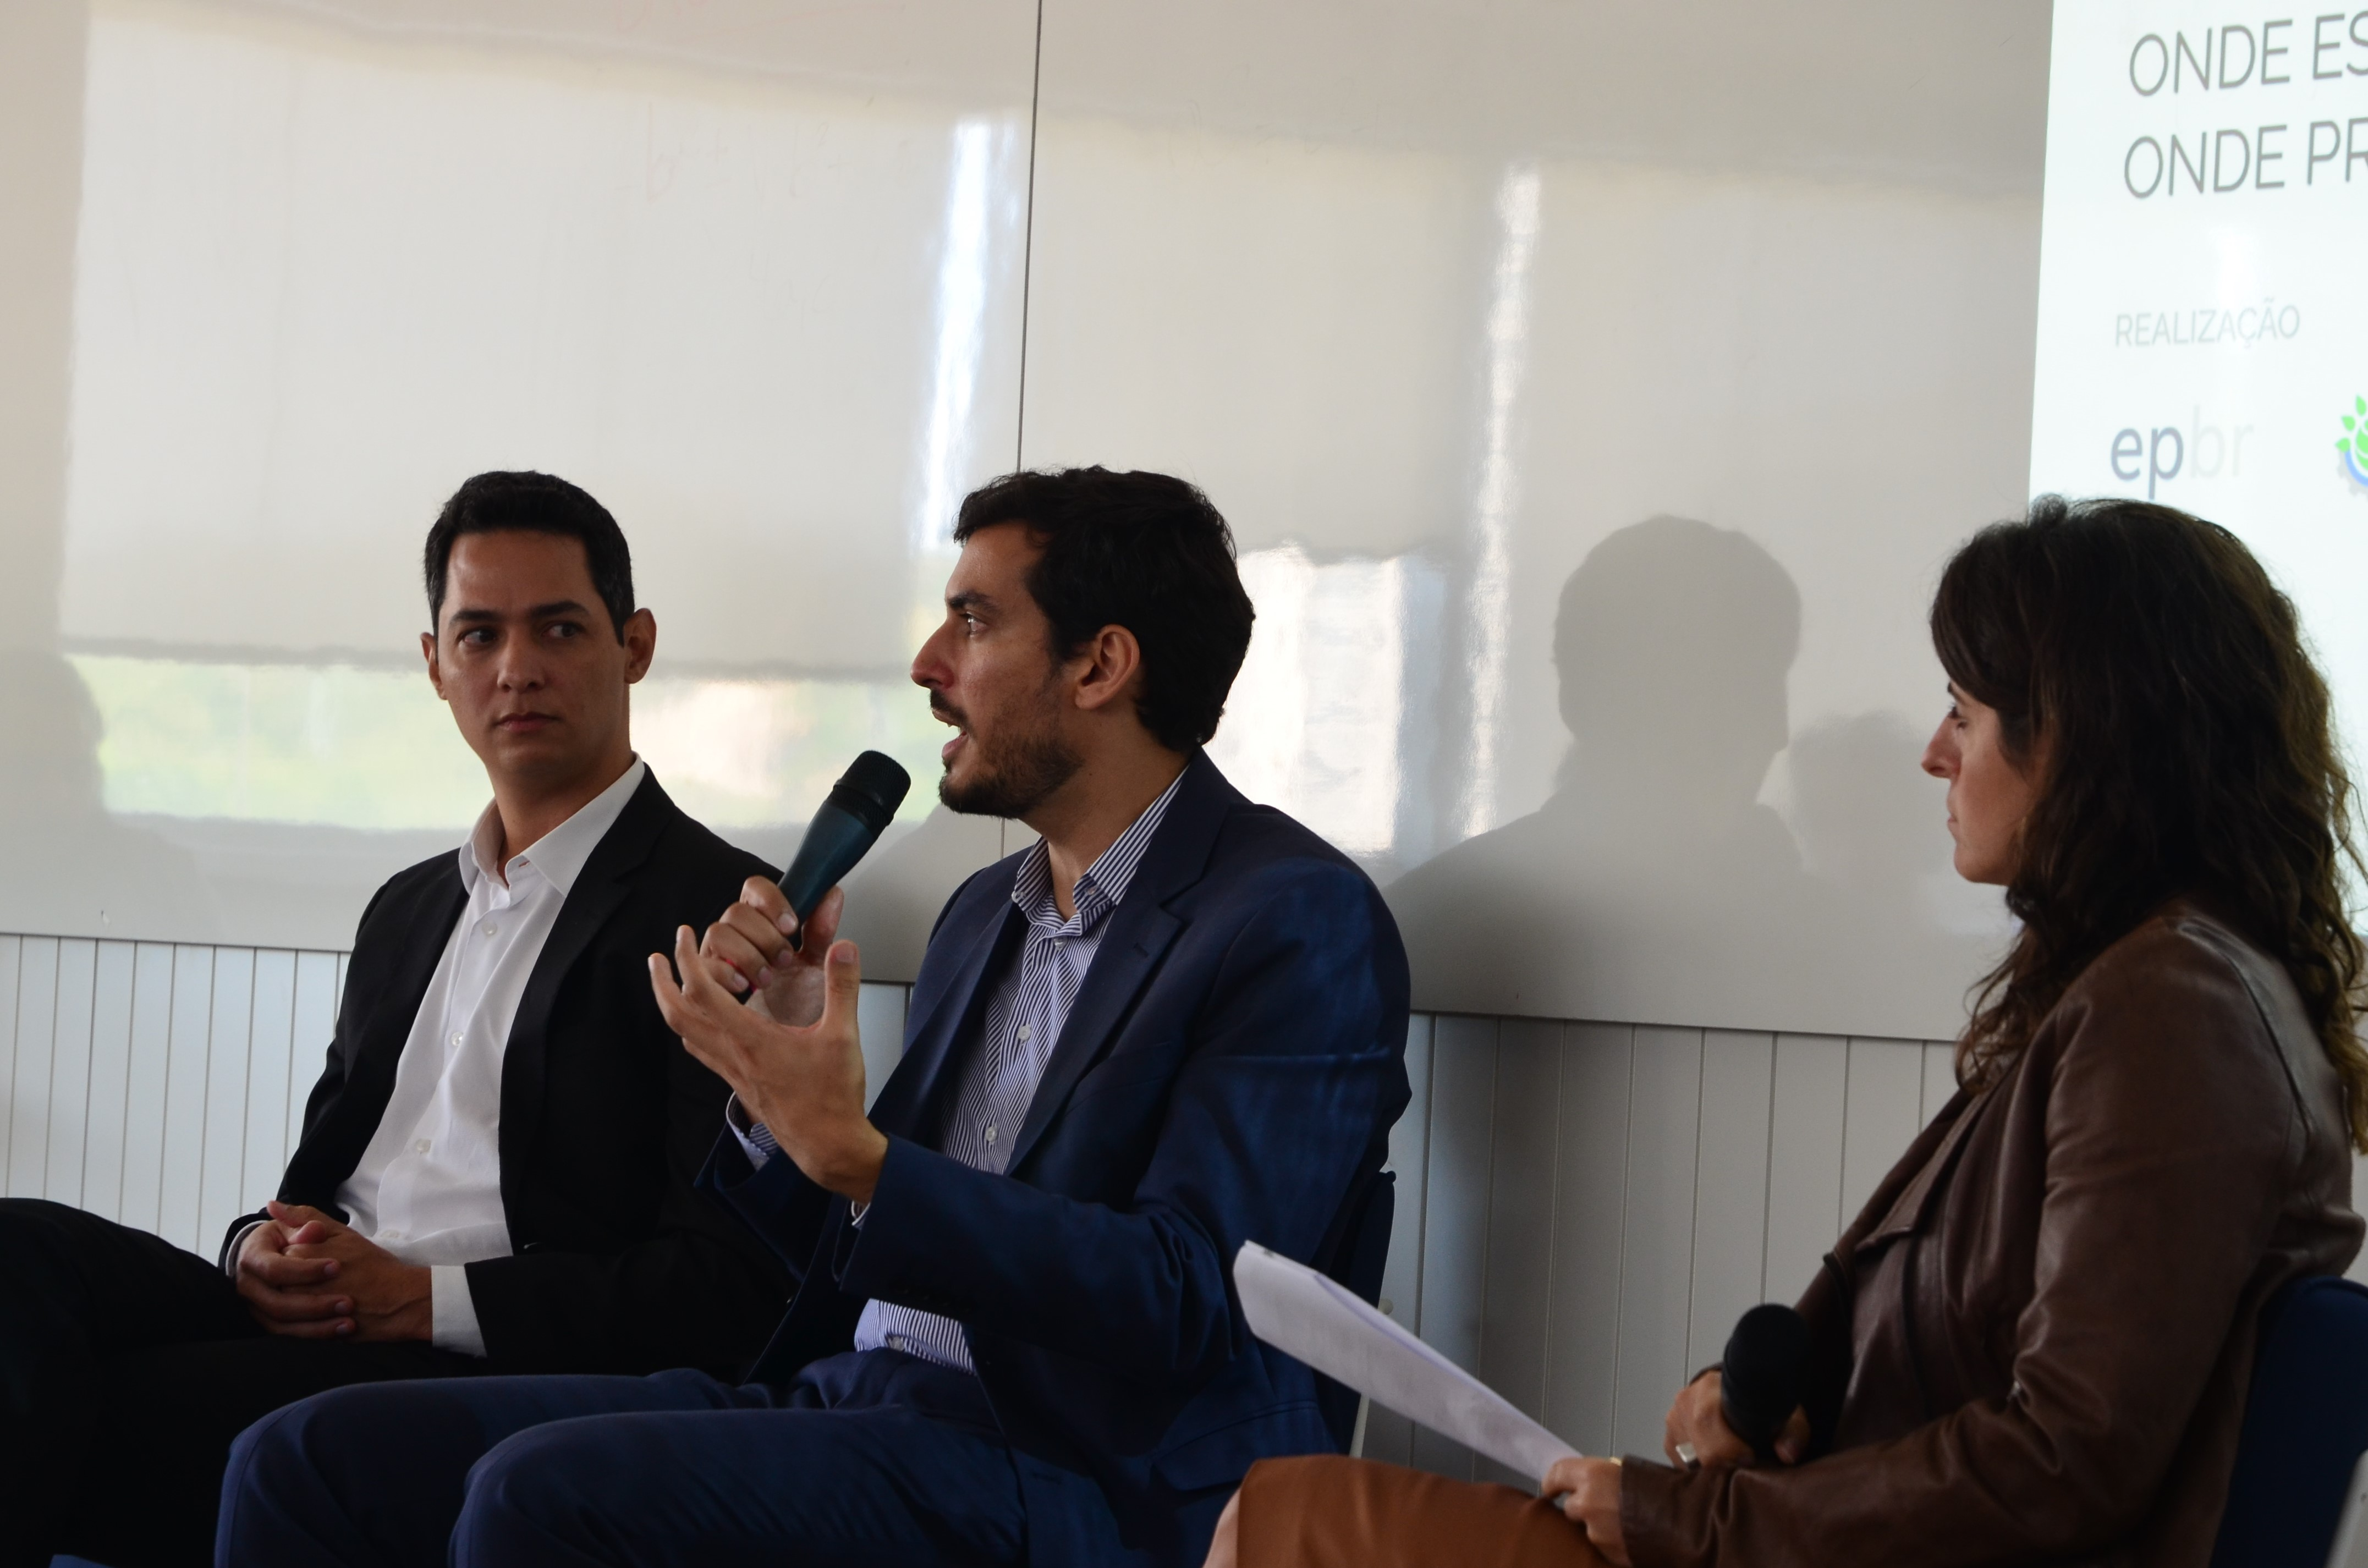 Ana Carolina Szklo, Diretora de Desenvolvimento Institucional (CEBDS) Luciano Vilas Boas Jr., representante da CDGN Logística Thiago Barral, presidente da Empresa de Pesquisa Energética (EPE)